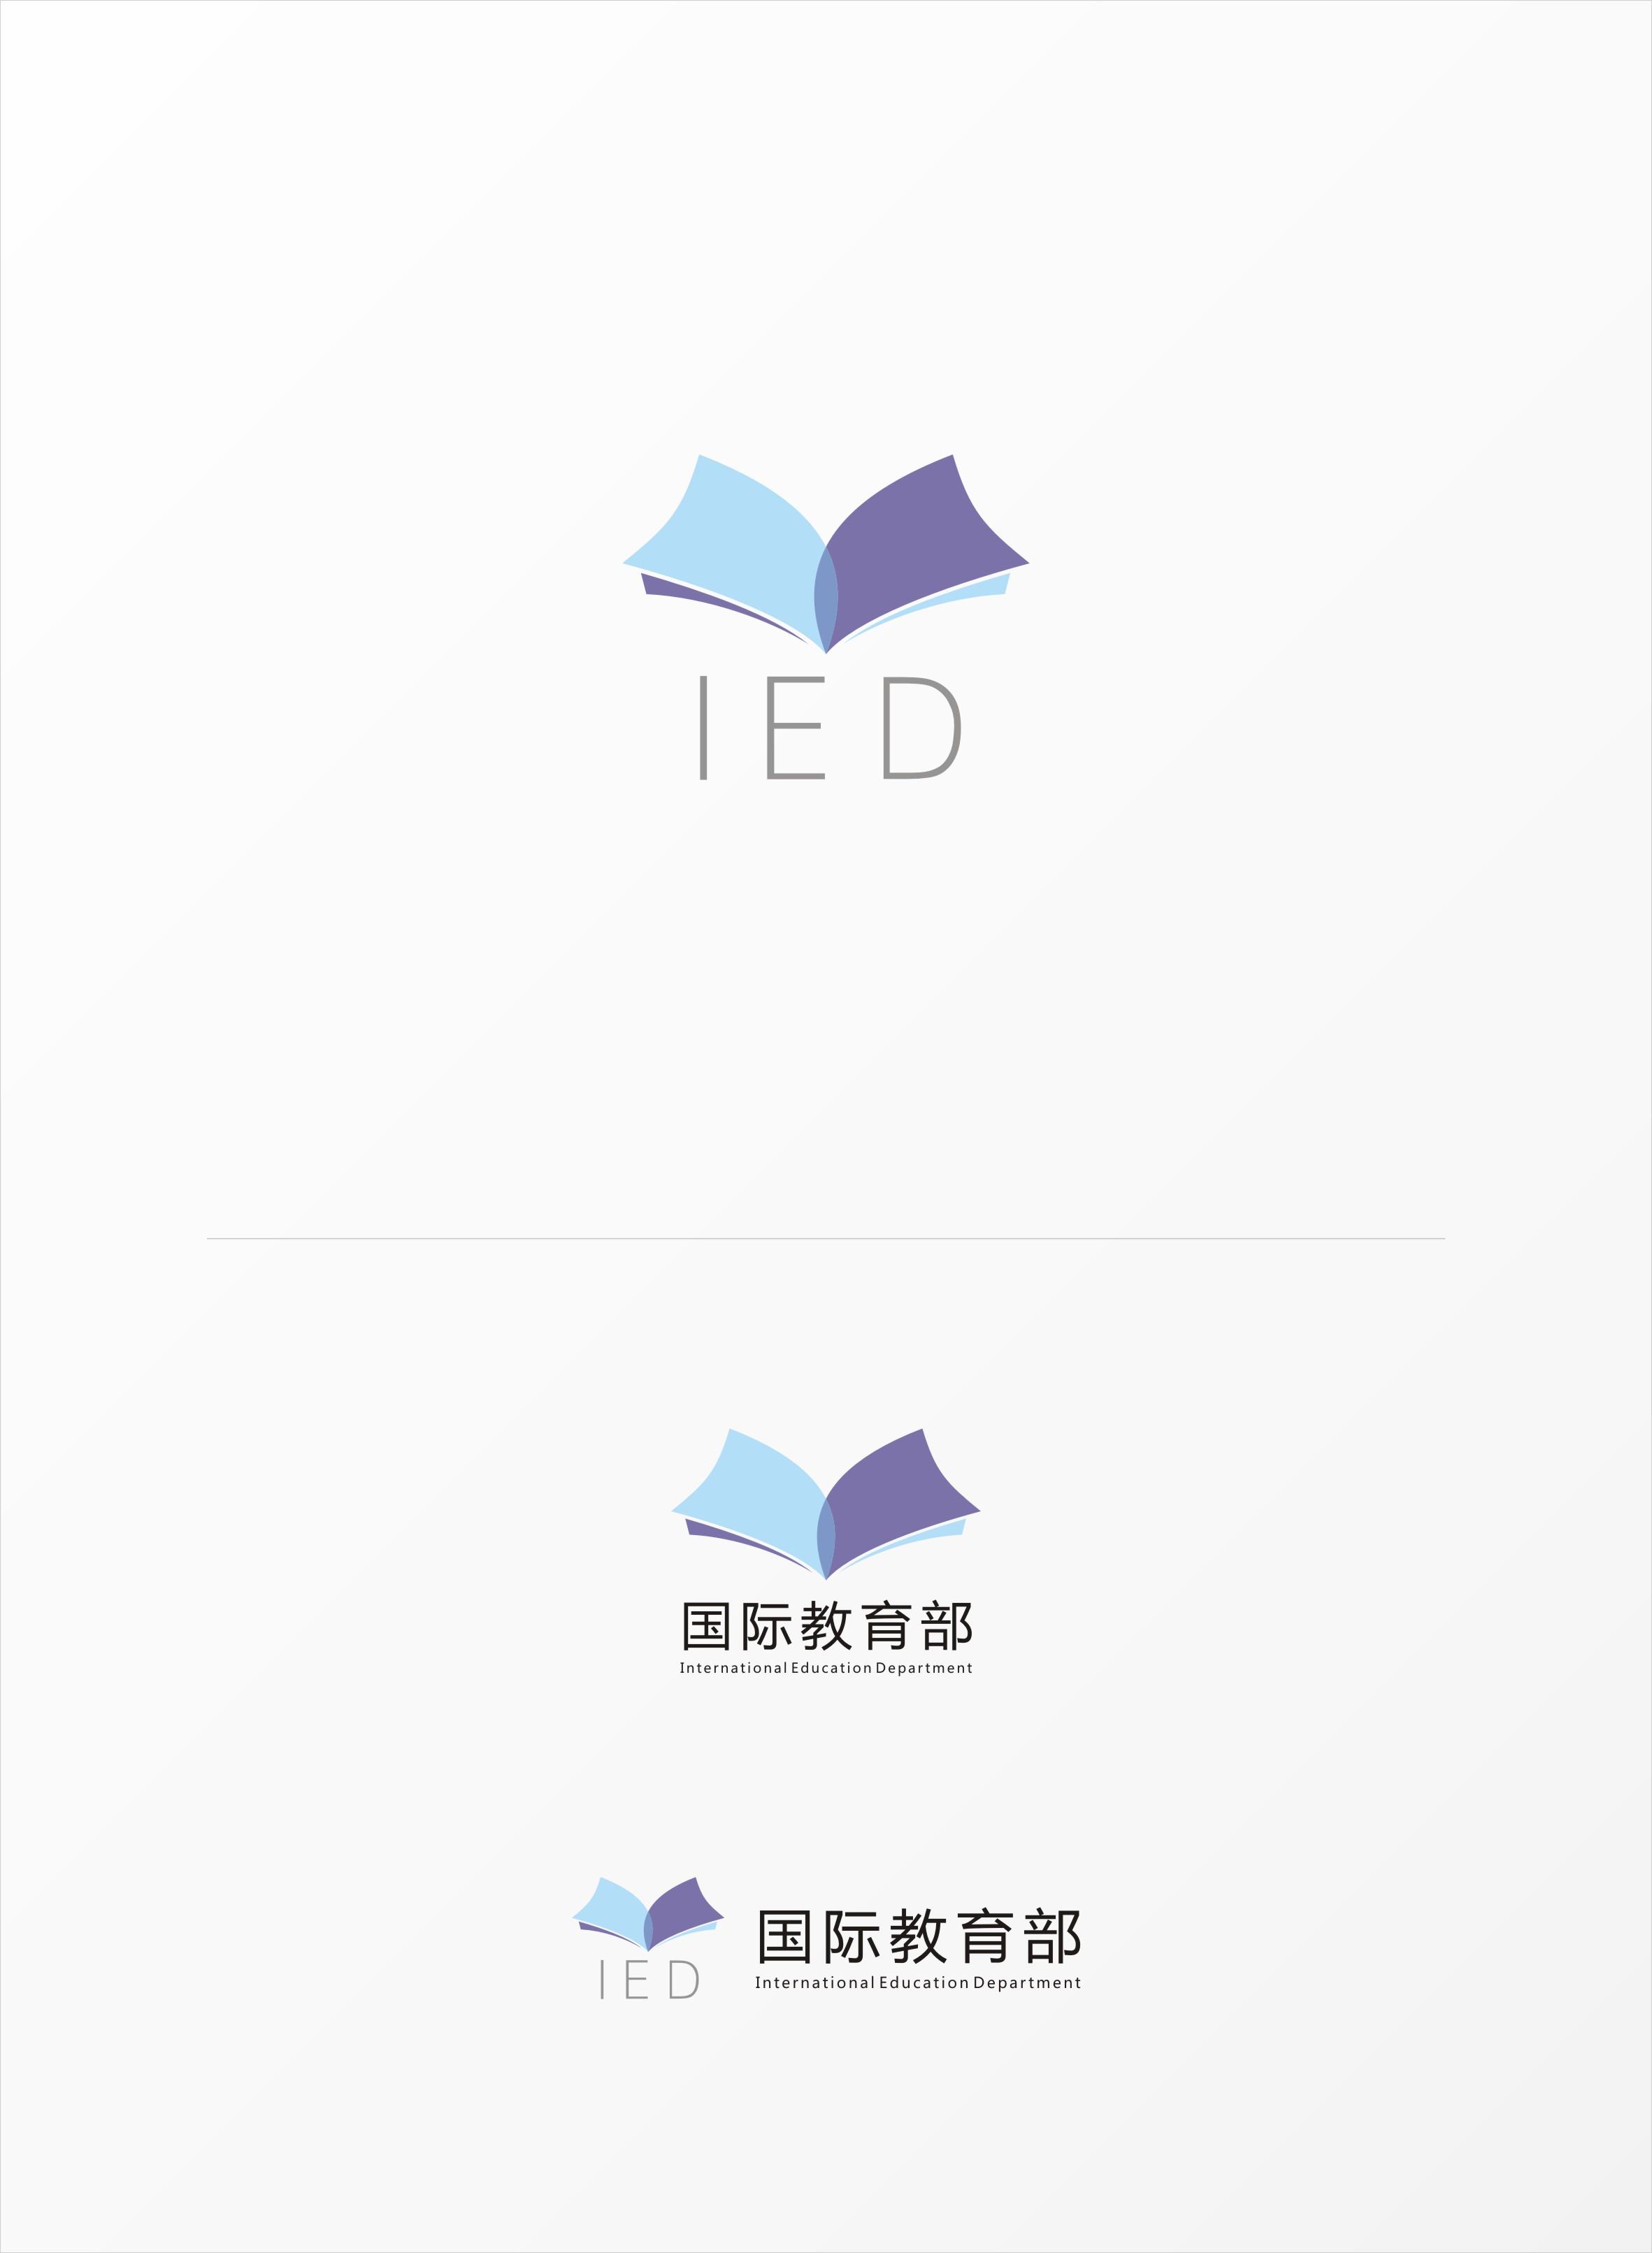 国际教育部logo设计